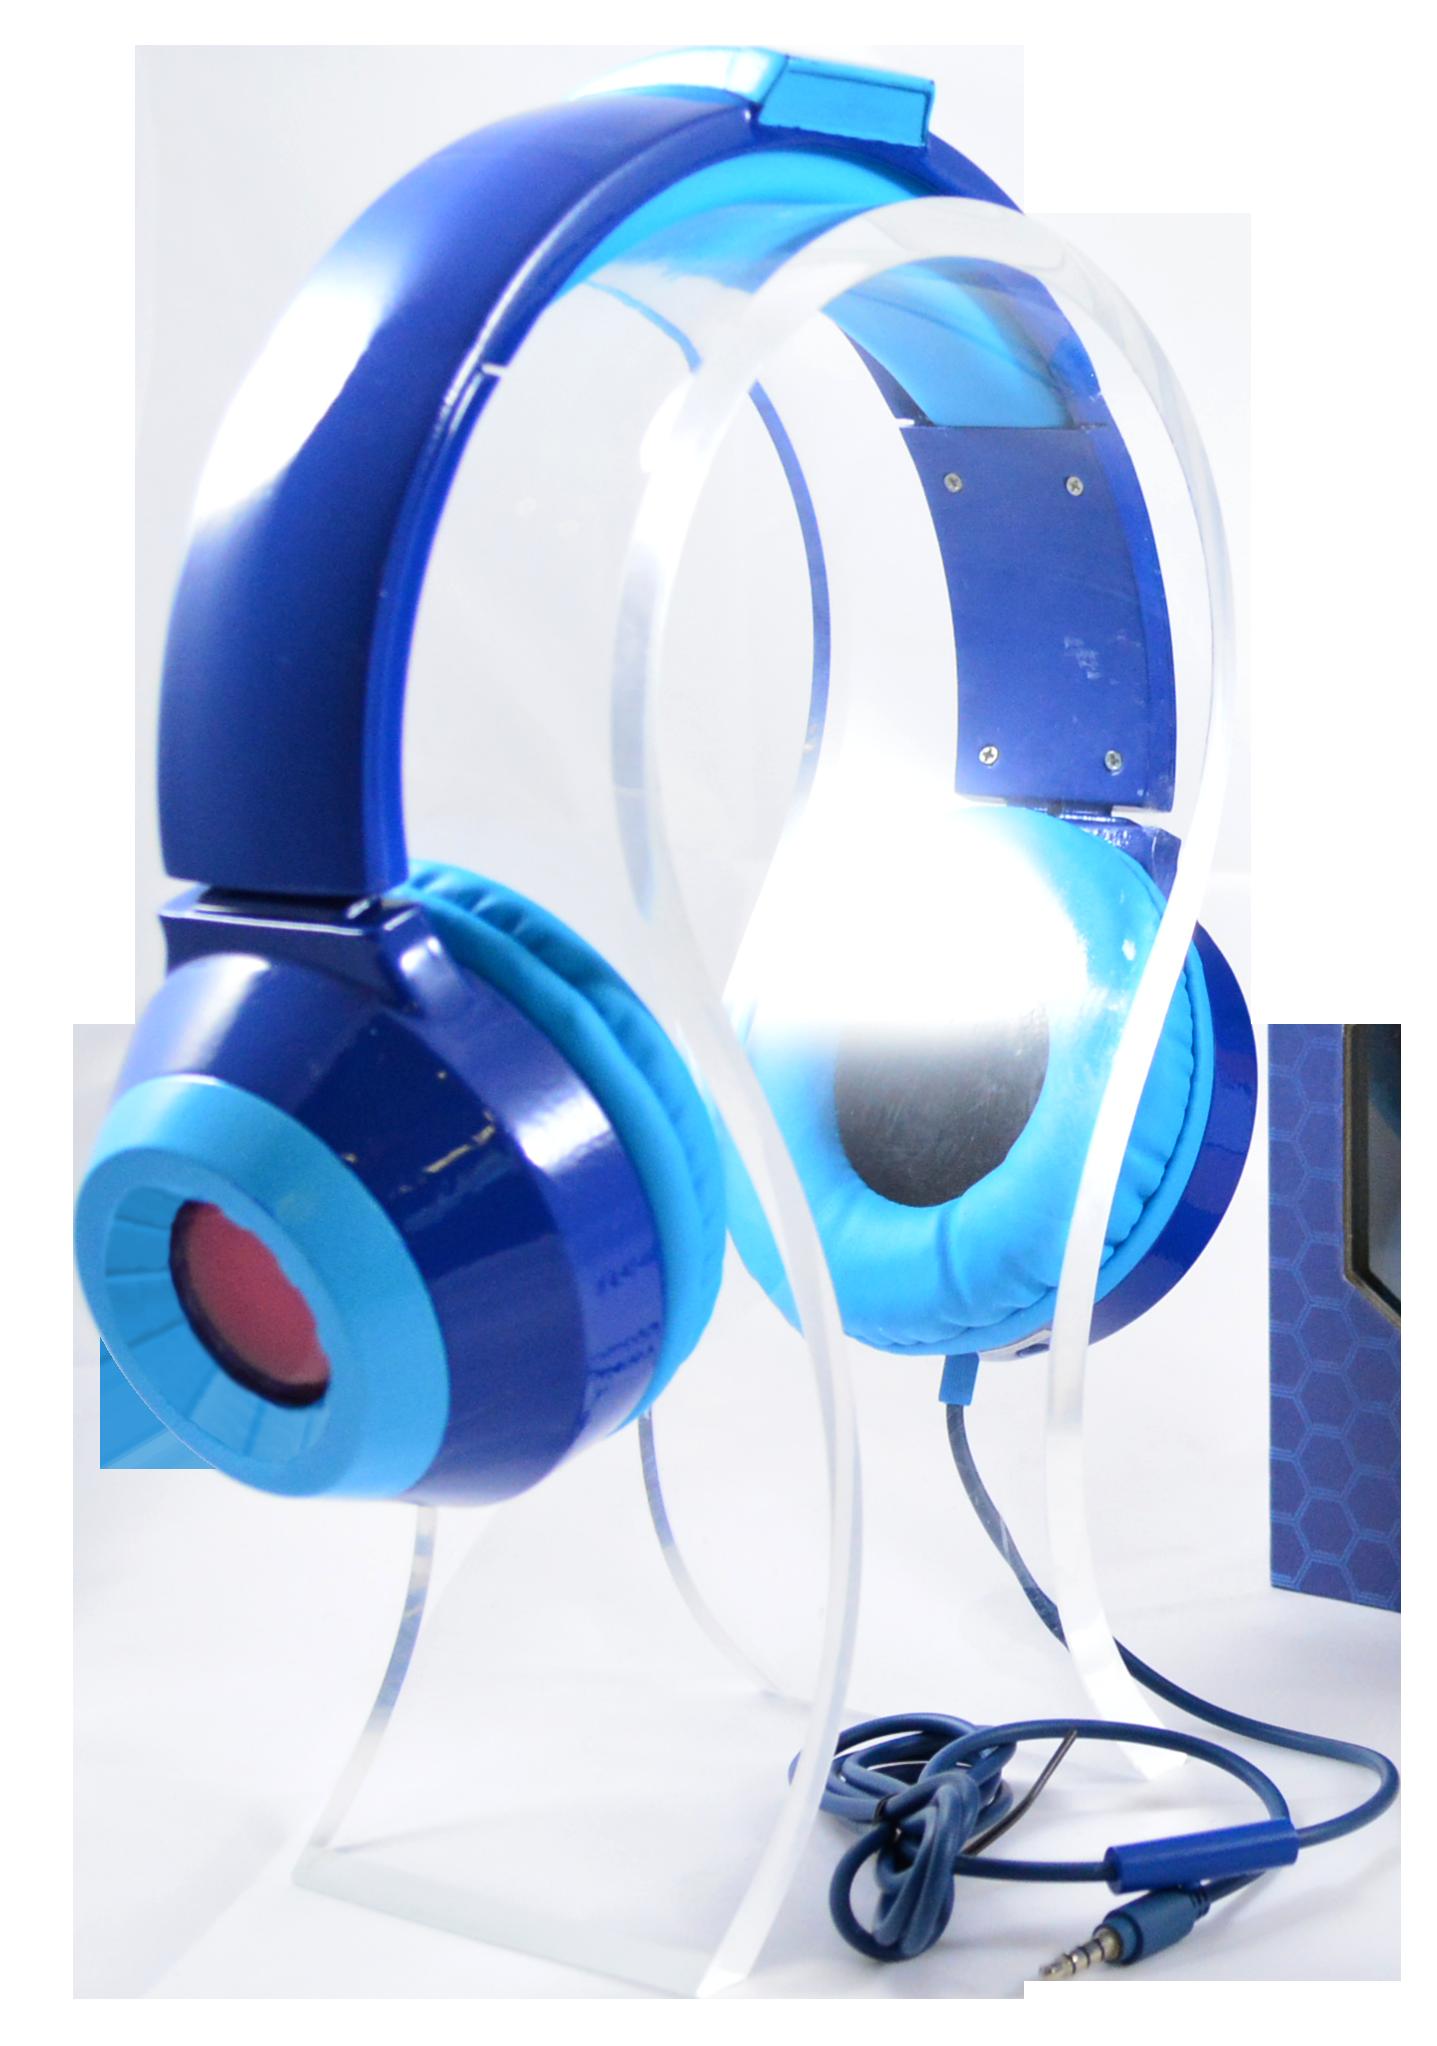 MM_Headphones